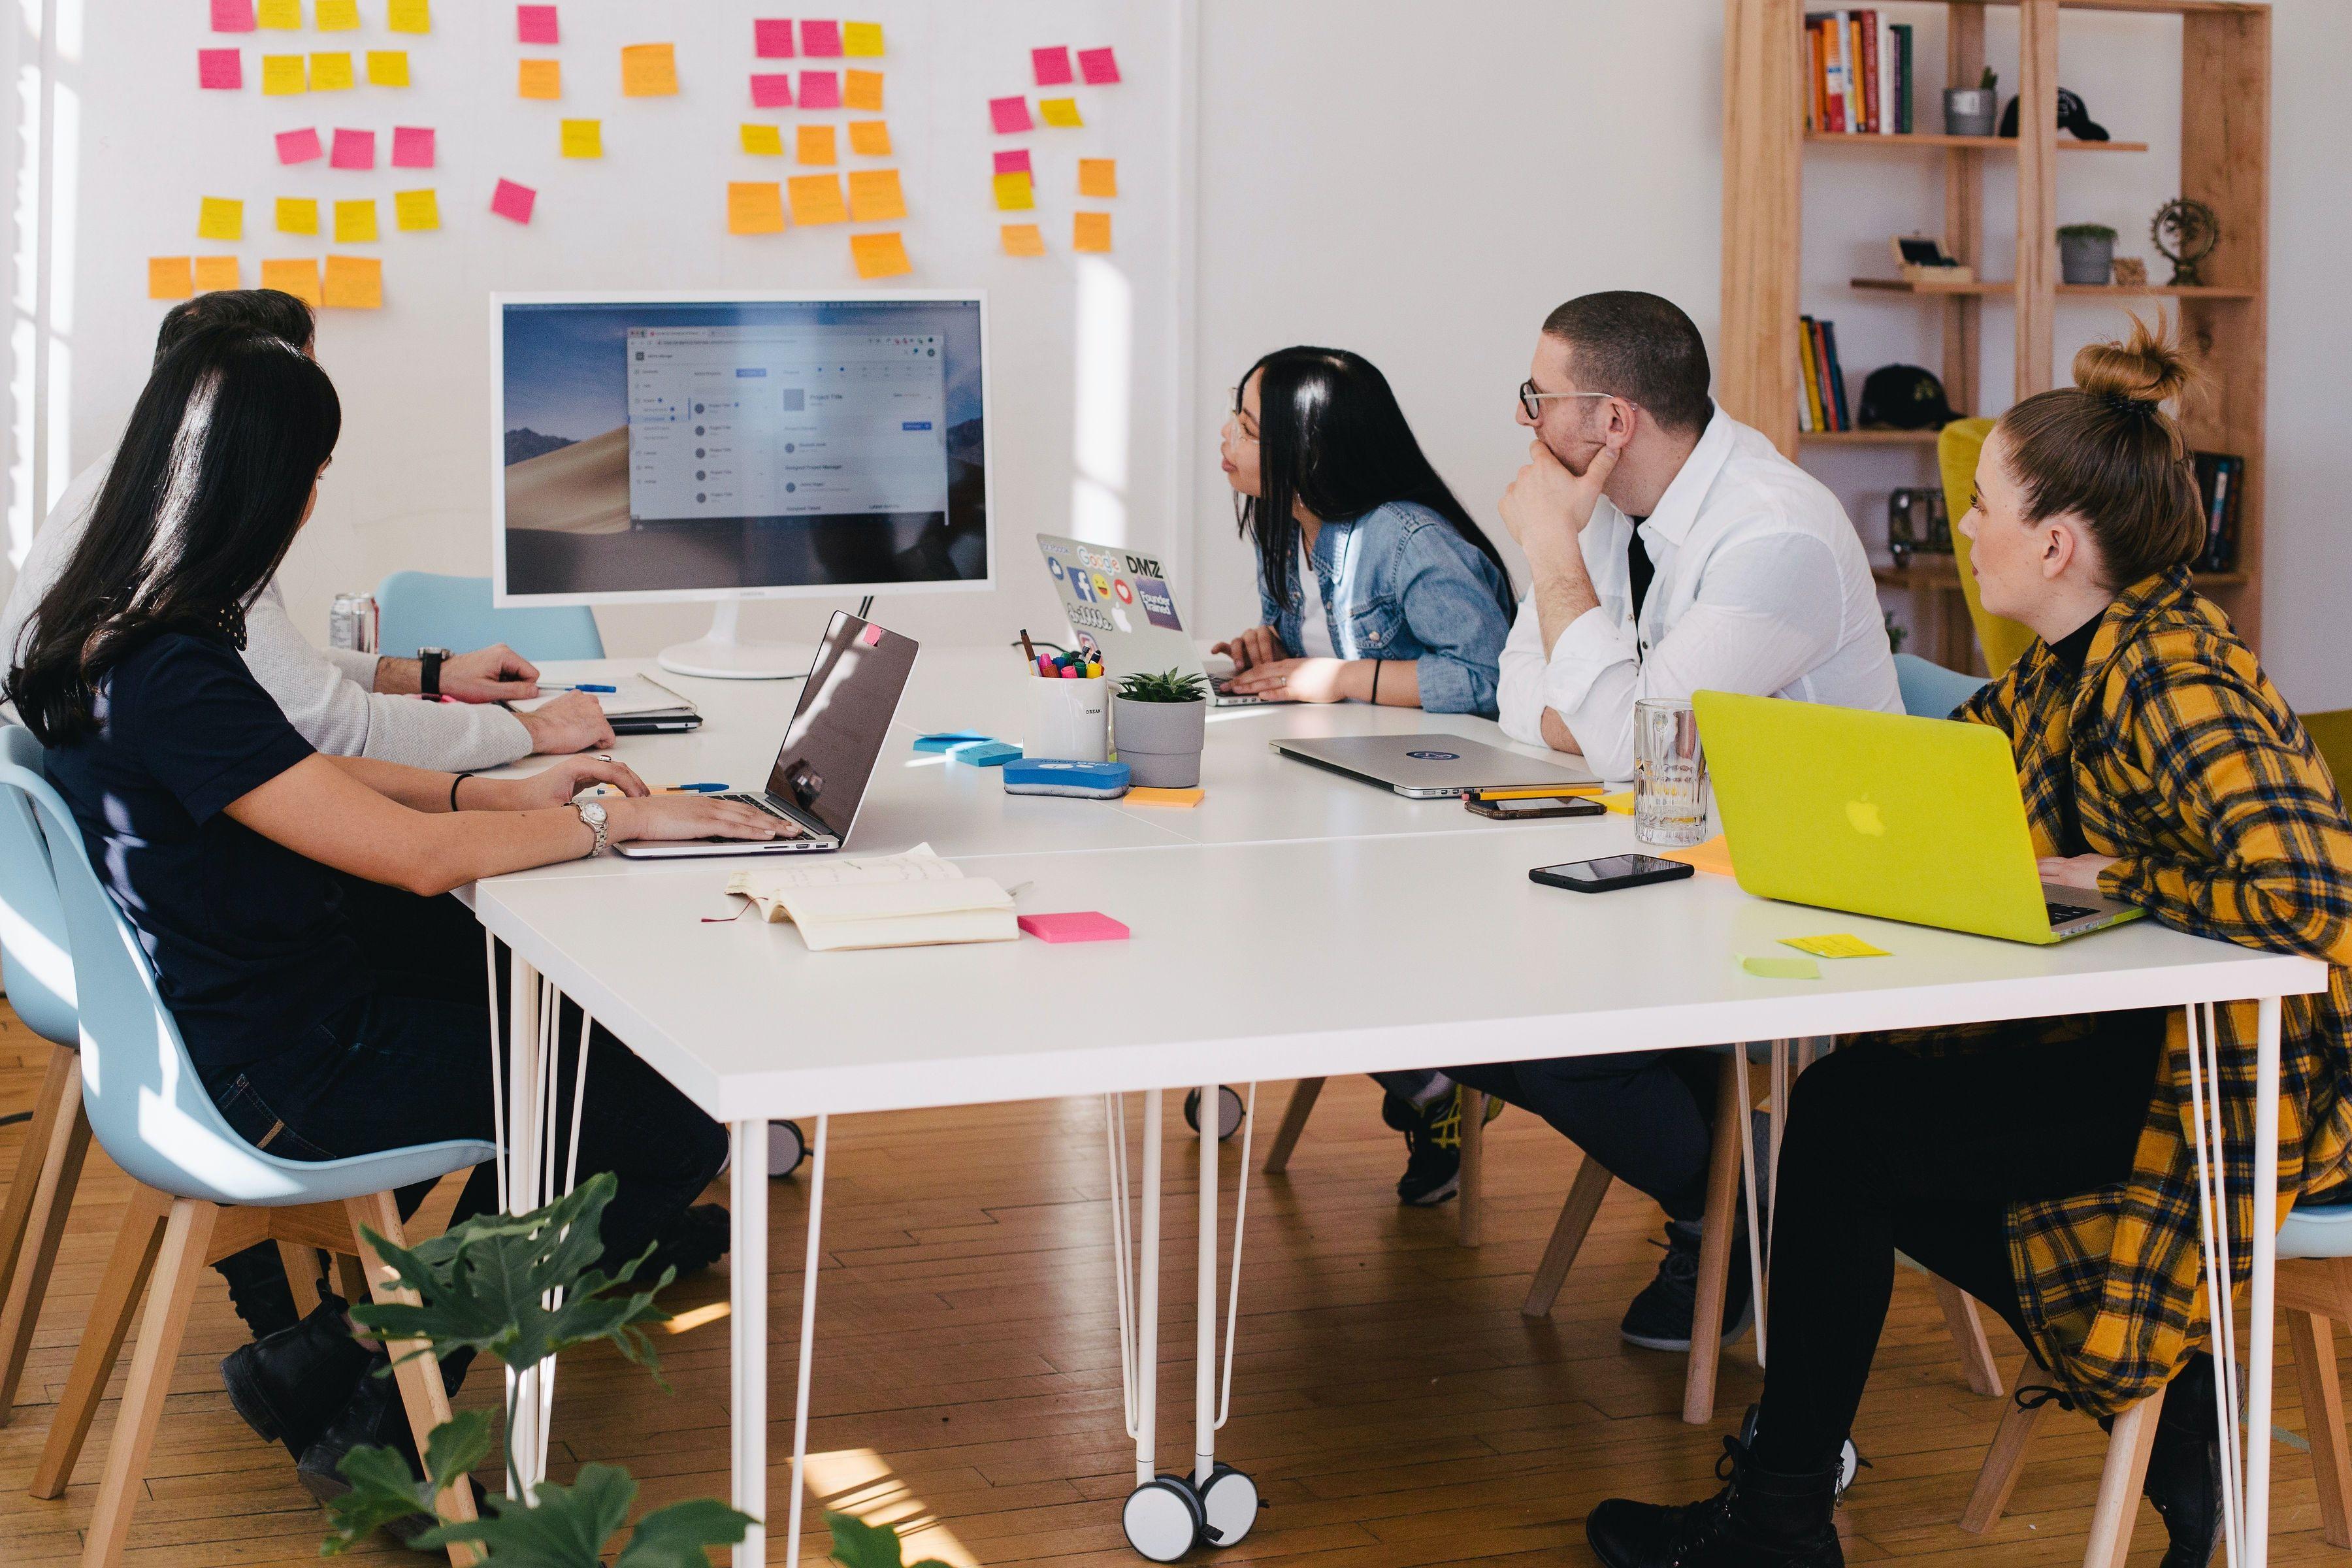 افراد دور میز در یک جلسهی کاری از کامپیوتر و تابلوی برنامهریزی استفاده میکنند